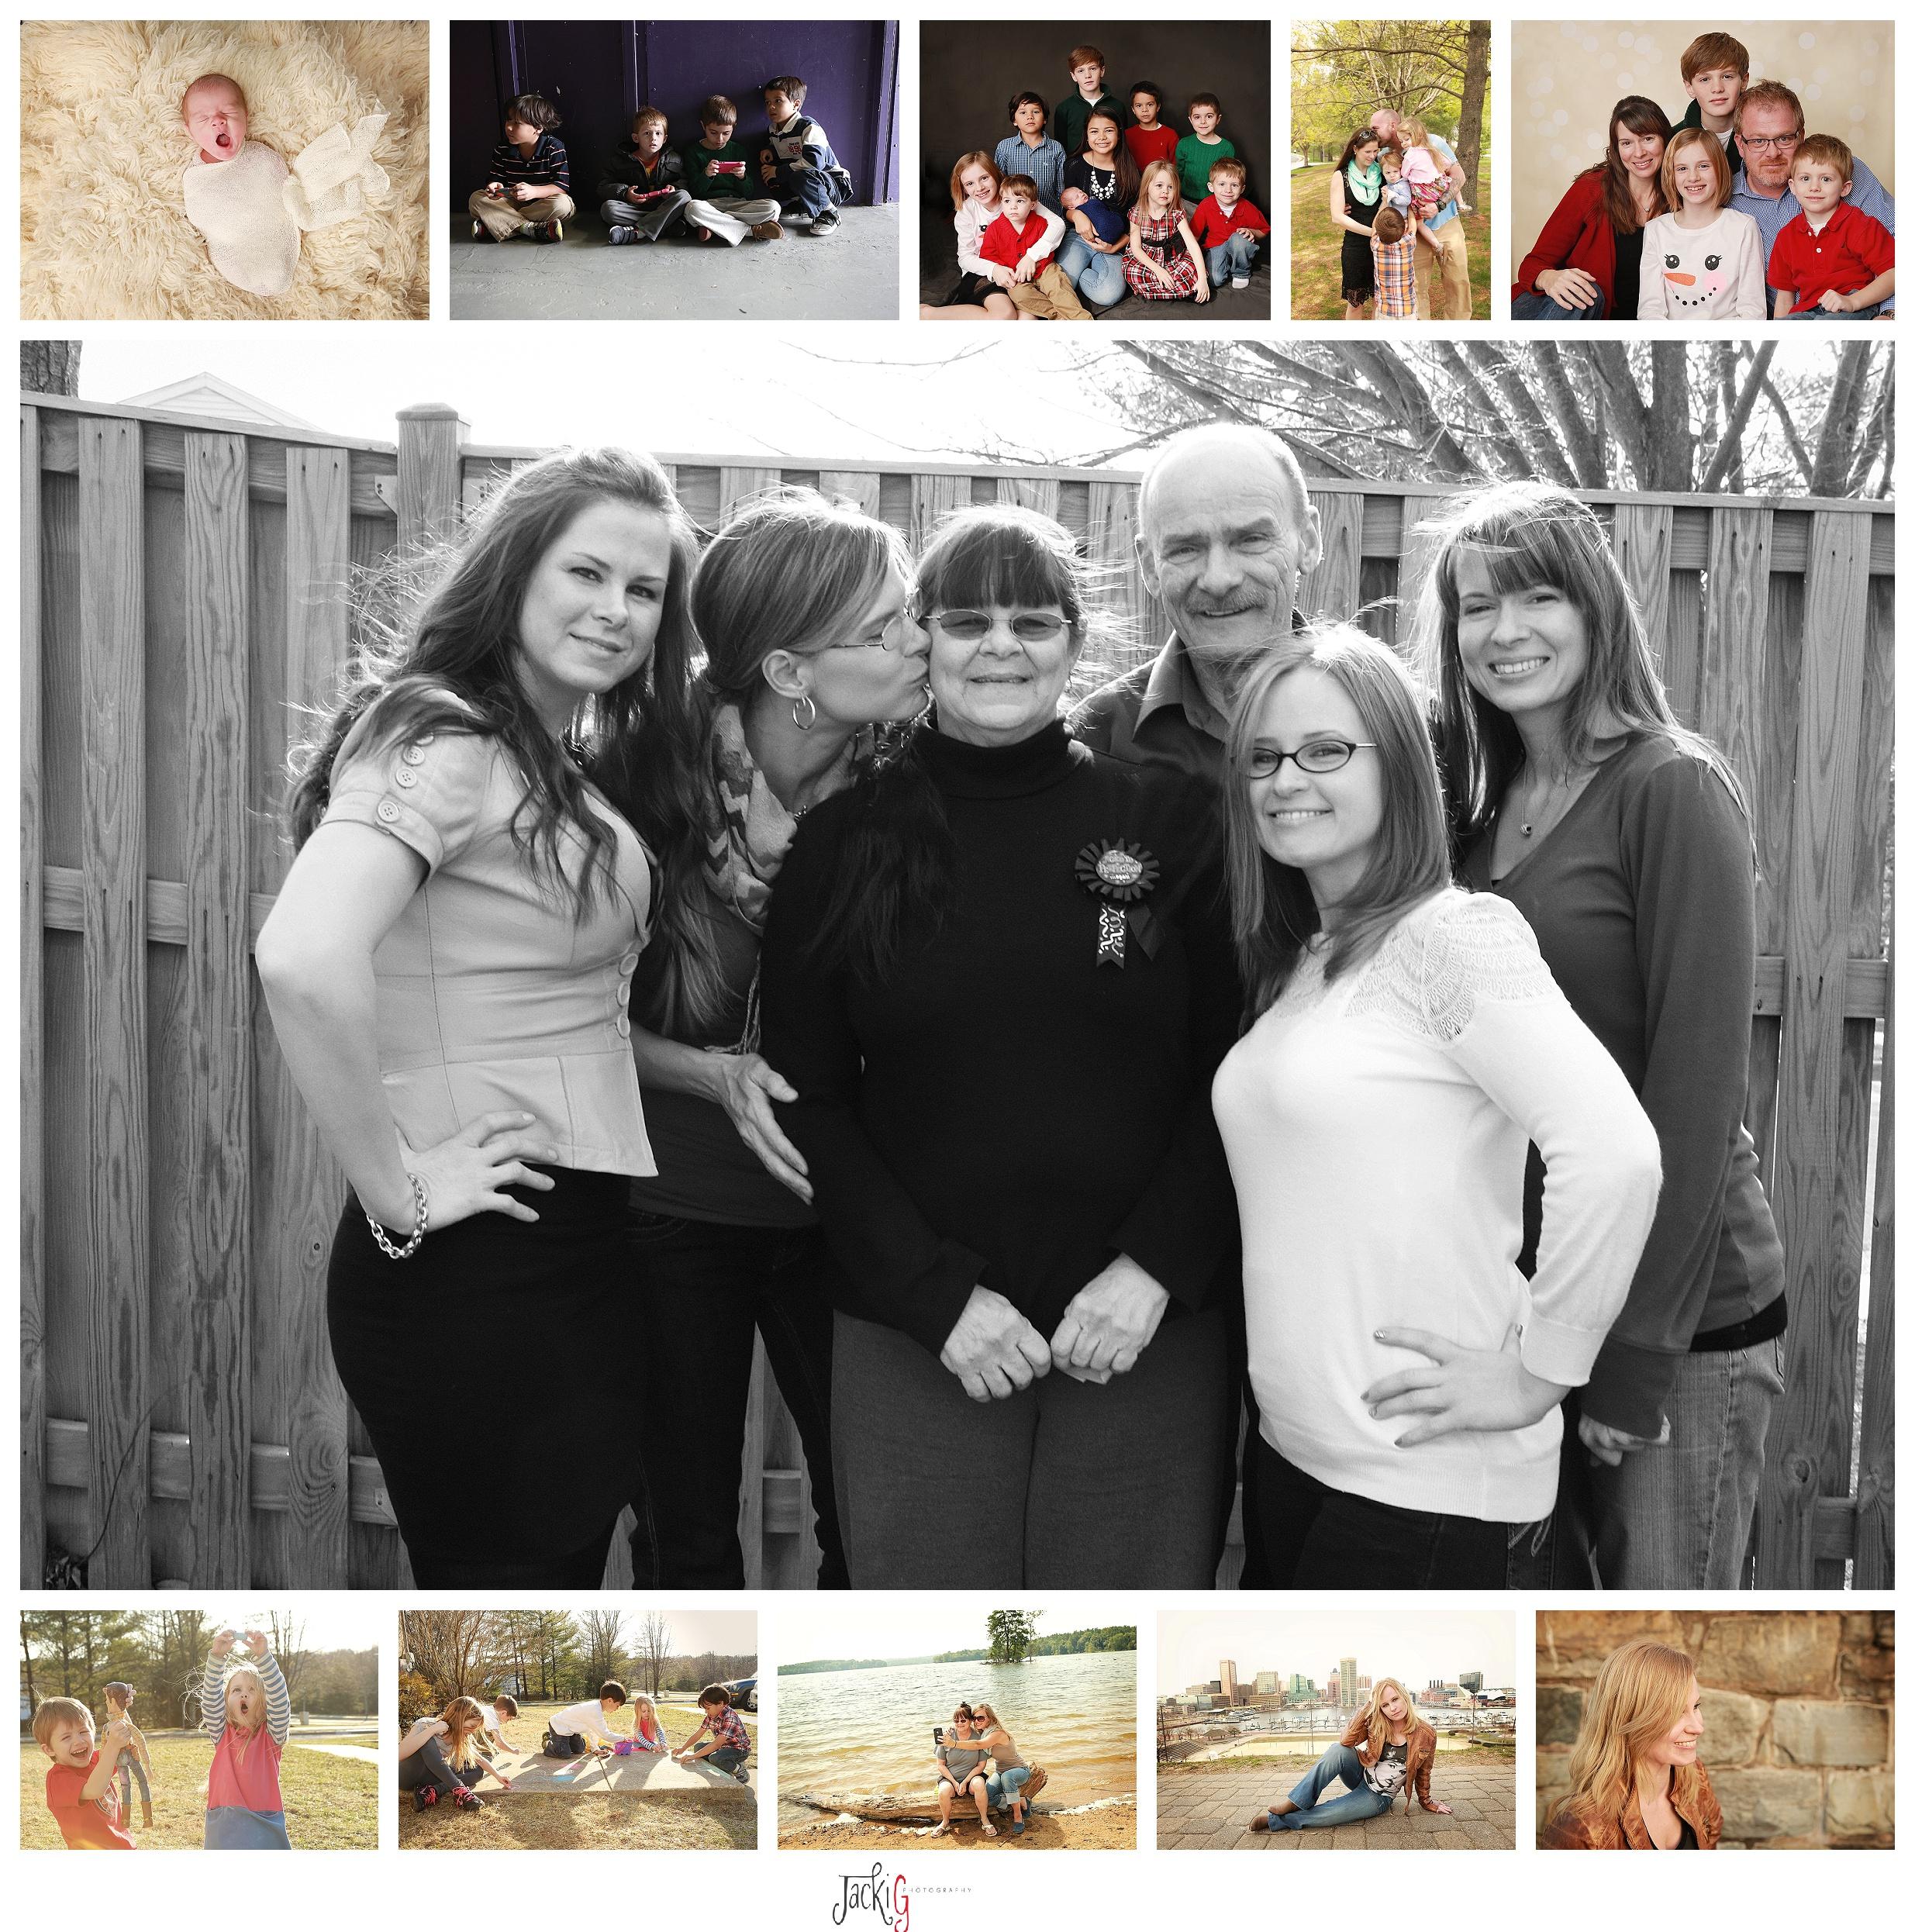 #family #jackigphotography